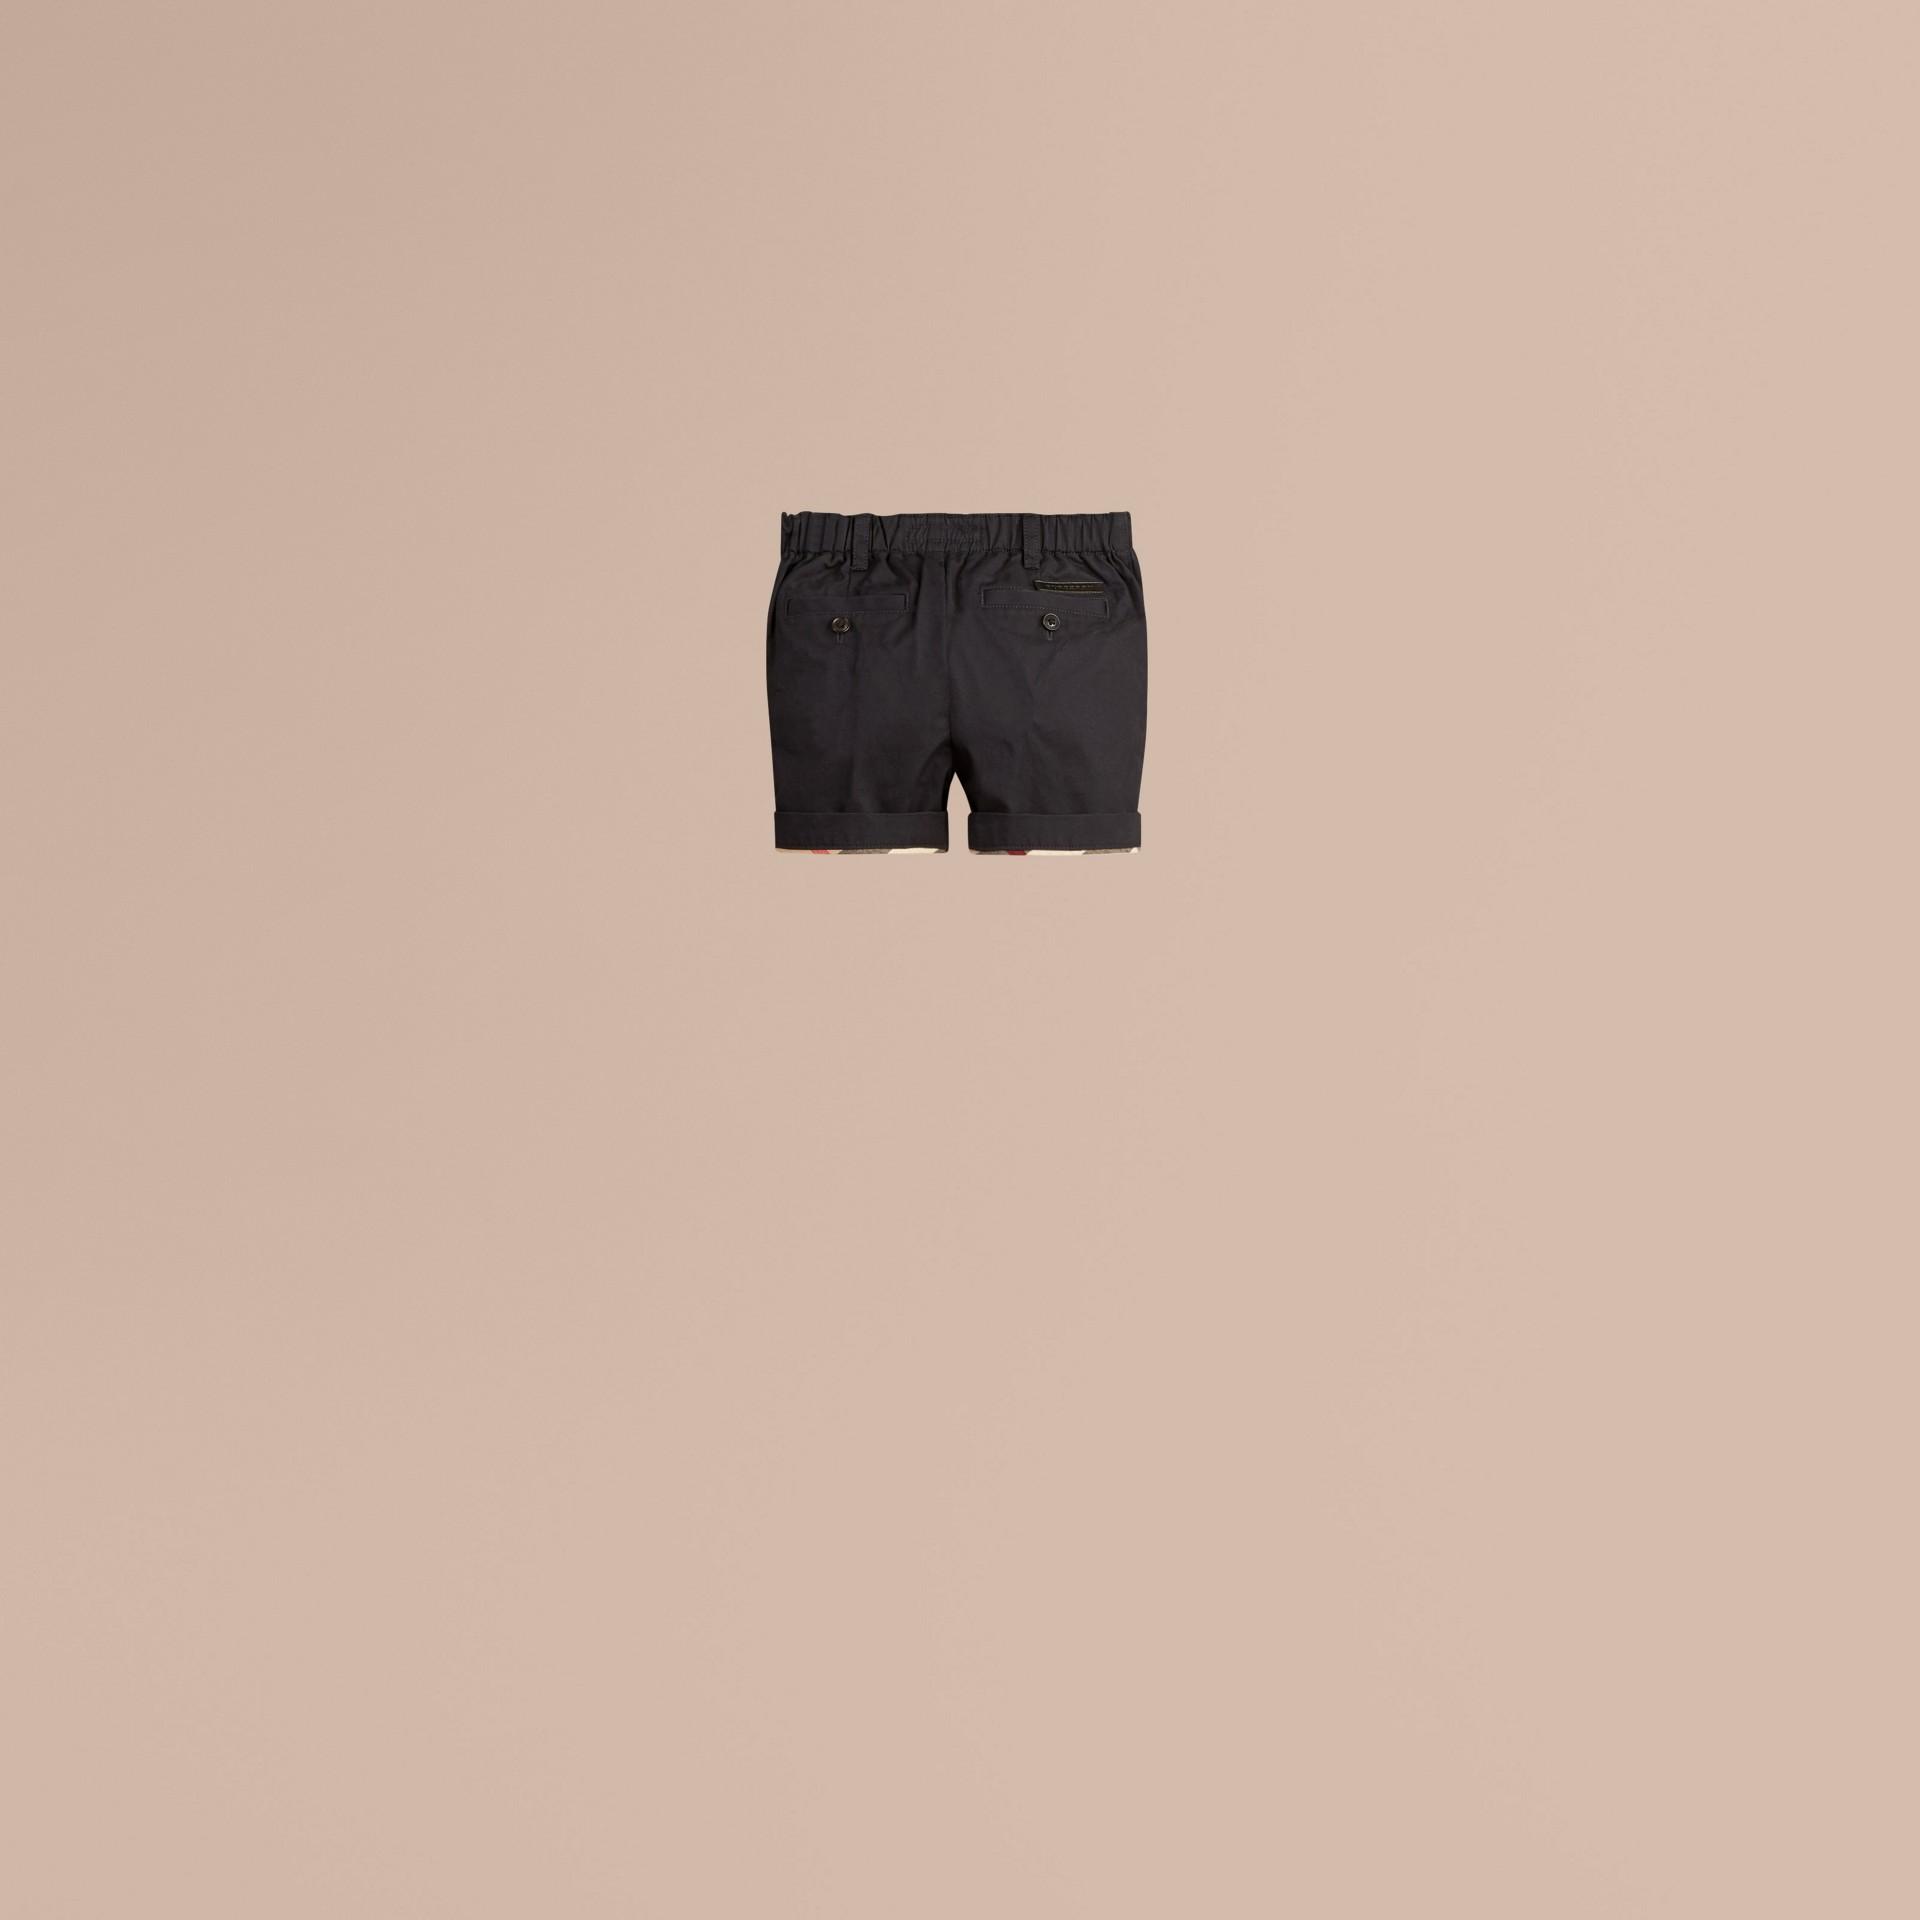 Inchiostro Pantaloncini chino in cotone con dettagli check Inchiostro - immagine della galleria 3